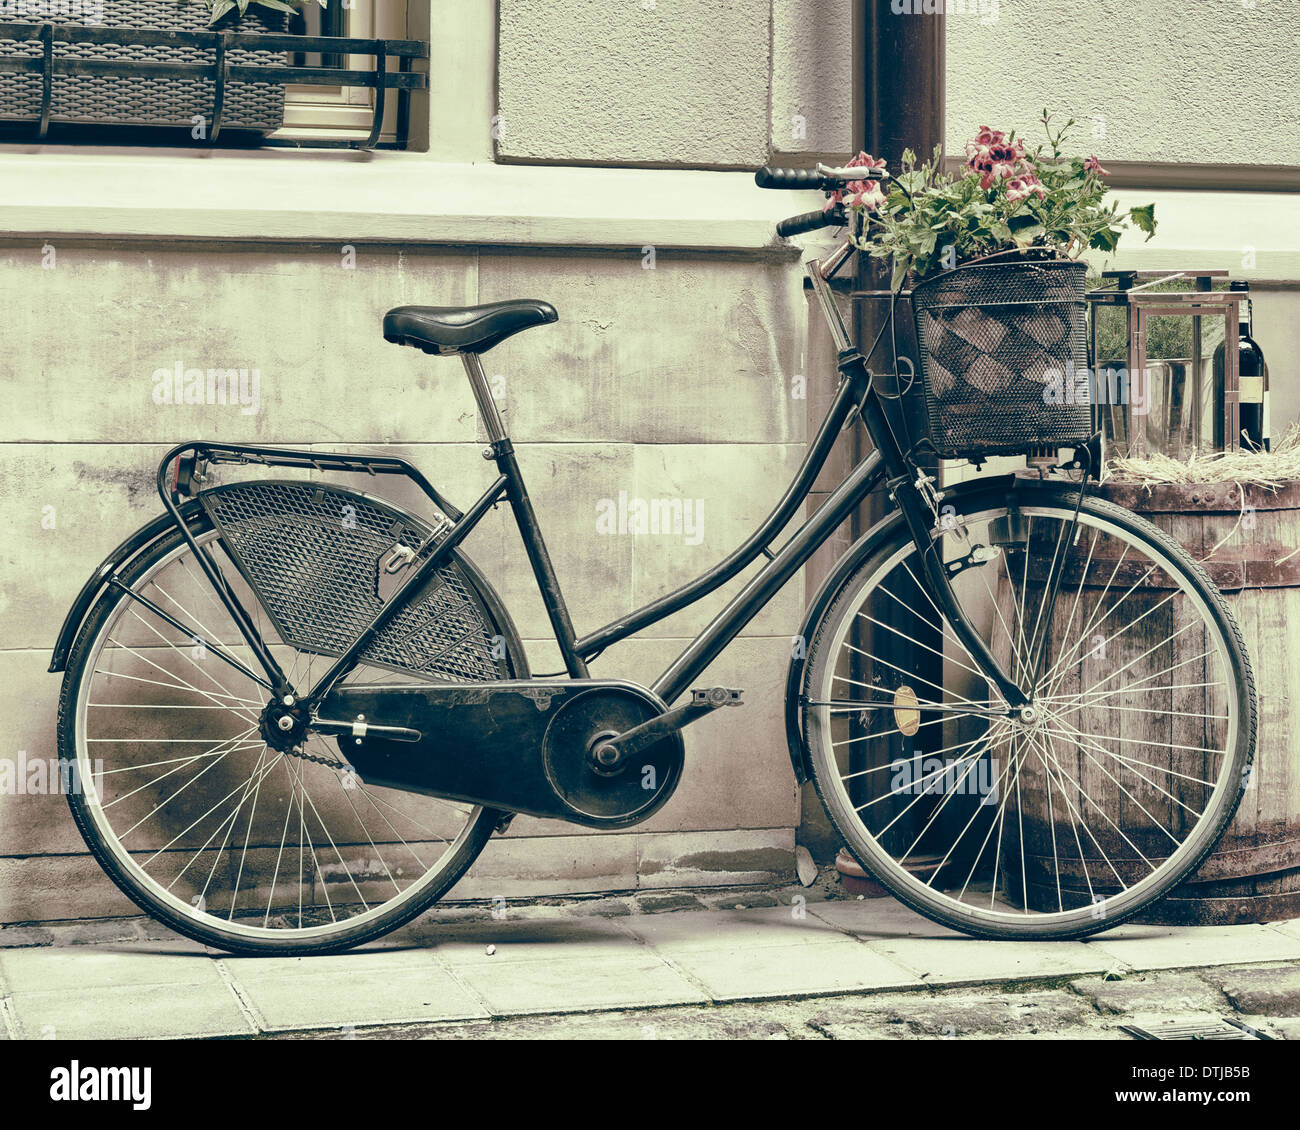 Vintage stilisierte foto der alten fahrrad tragen blumen als dekoration stockfoto bild - Dekoration fahrrad ...